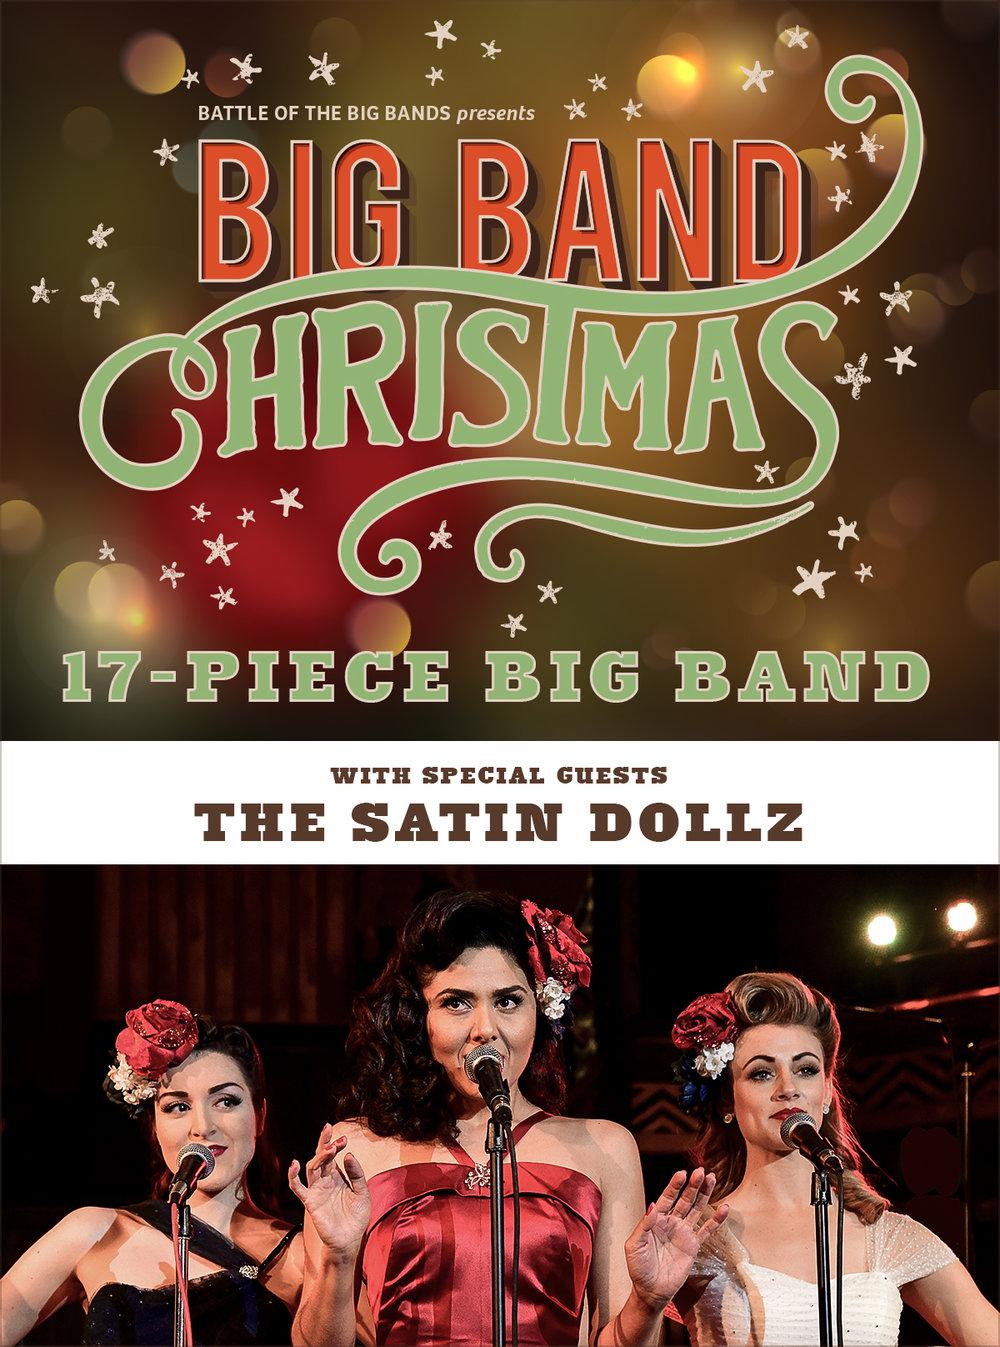 BB_Christmas_Logo_Bokah_Background_4.jpg